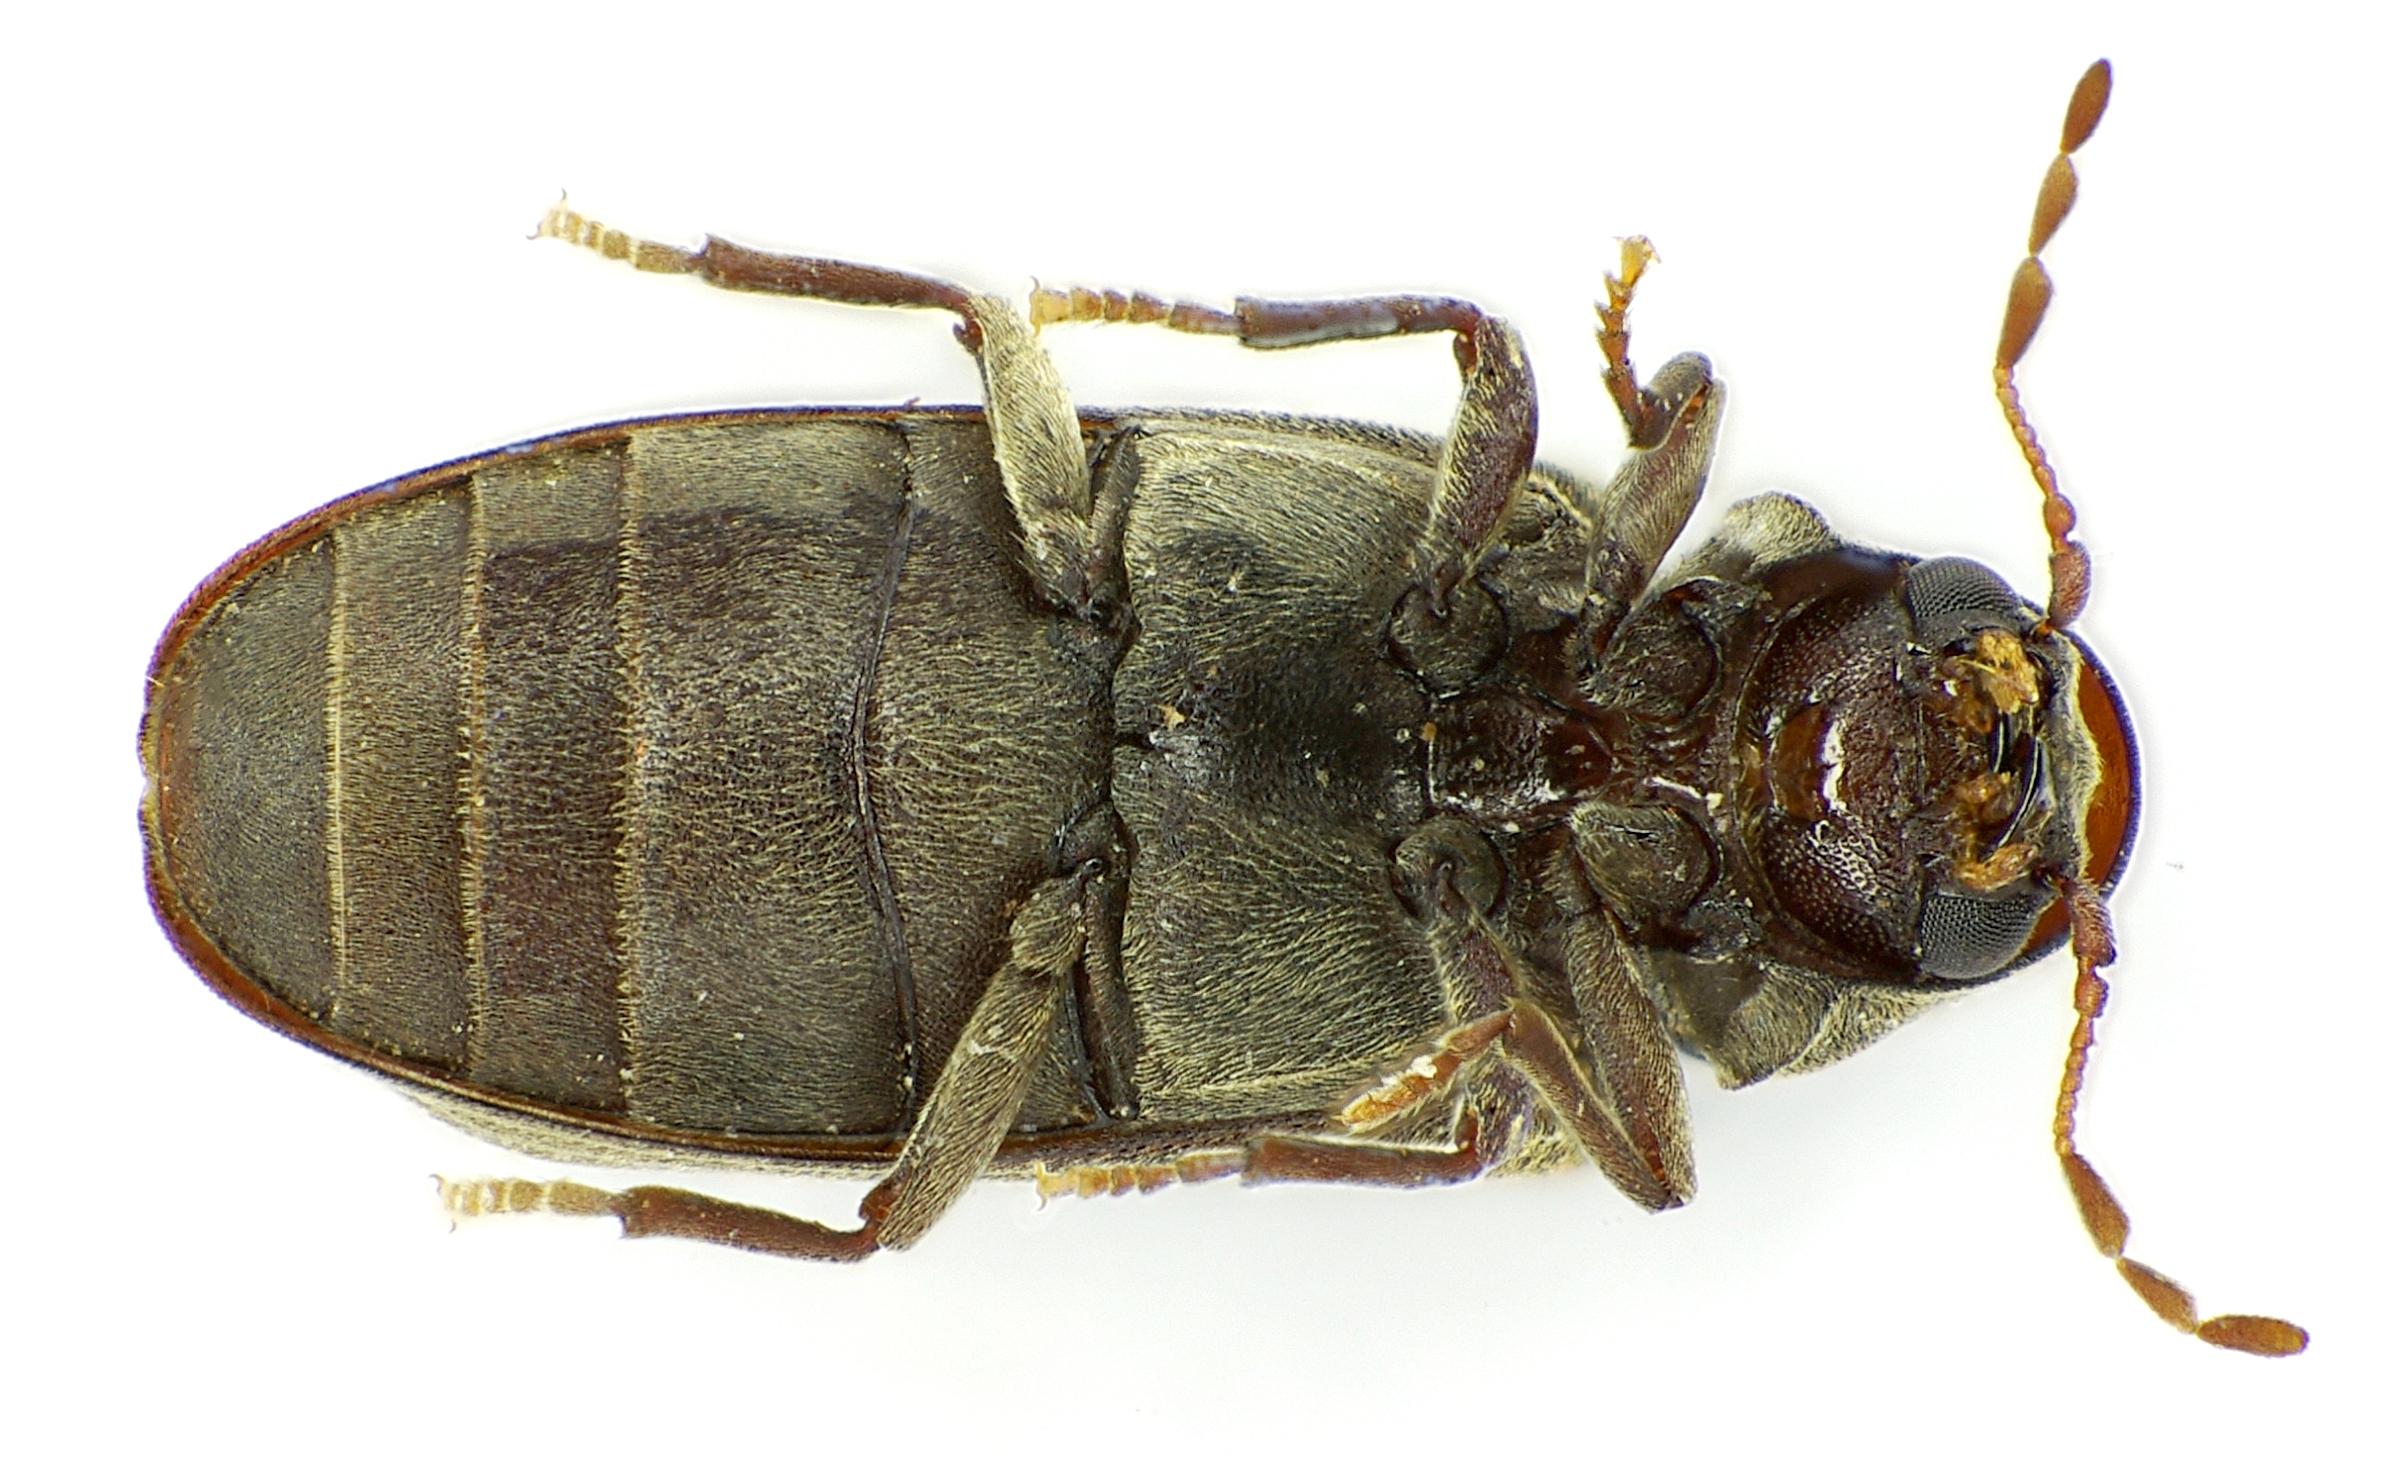 Species Anobium Punctatum Furniture Beetle